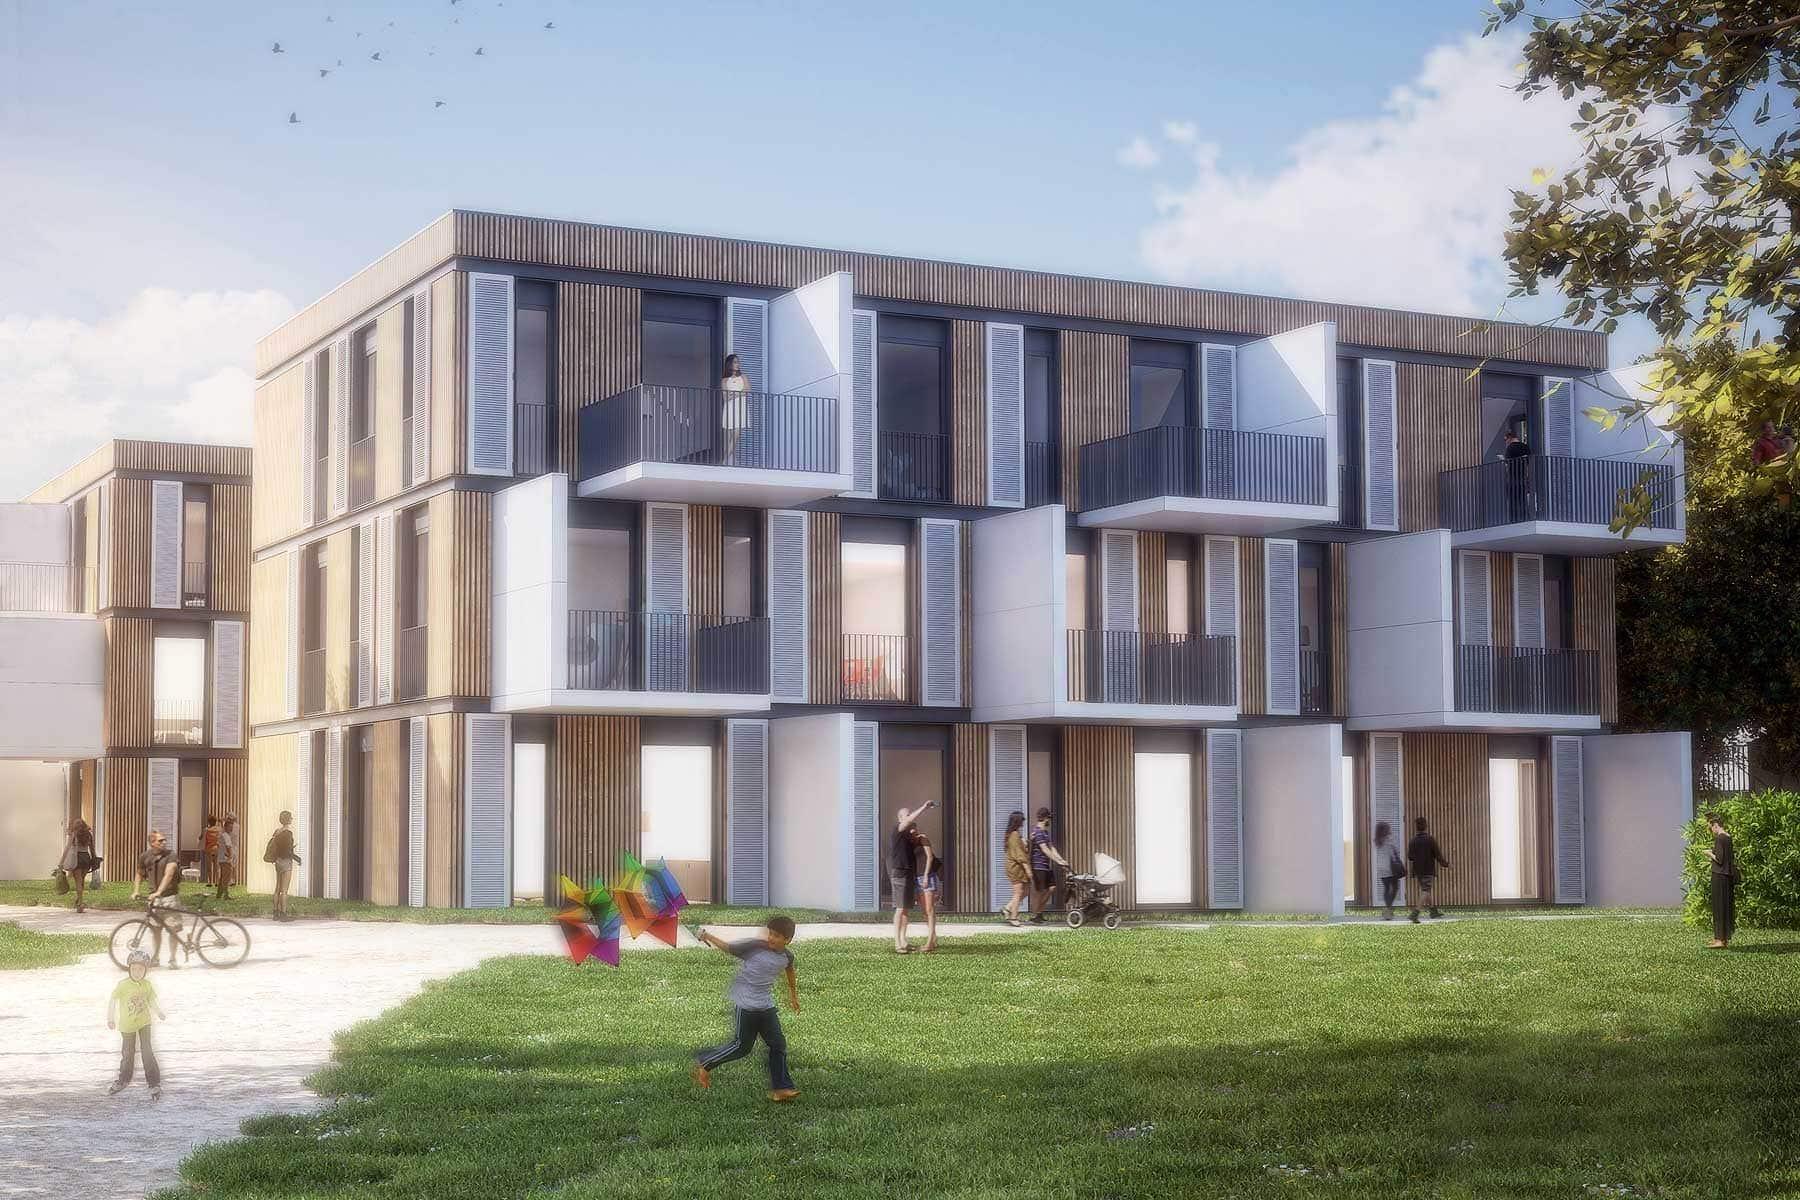 Wohnraum für Alle - Wohnhaus Green Hybridbauweise